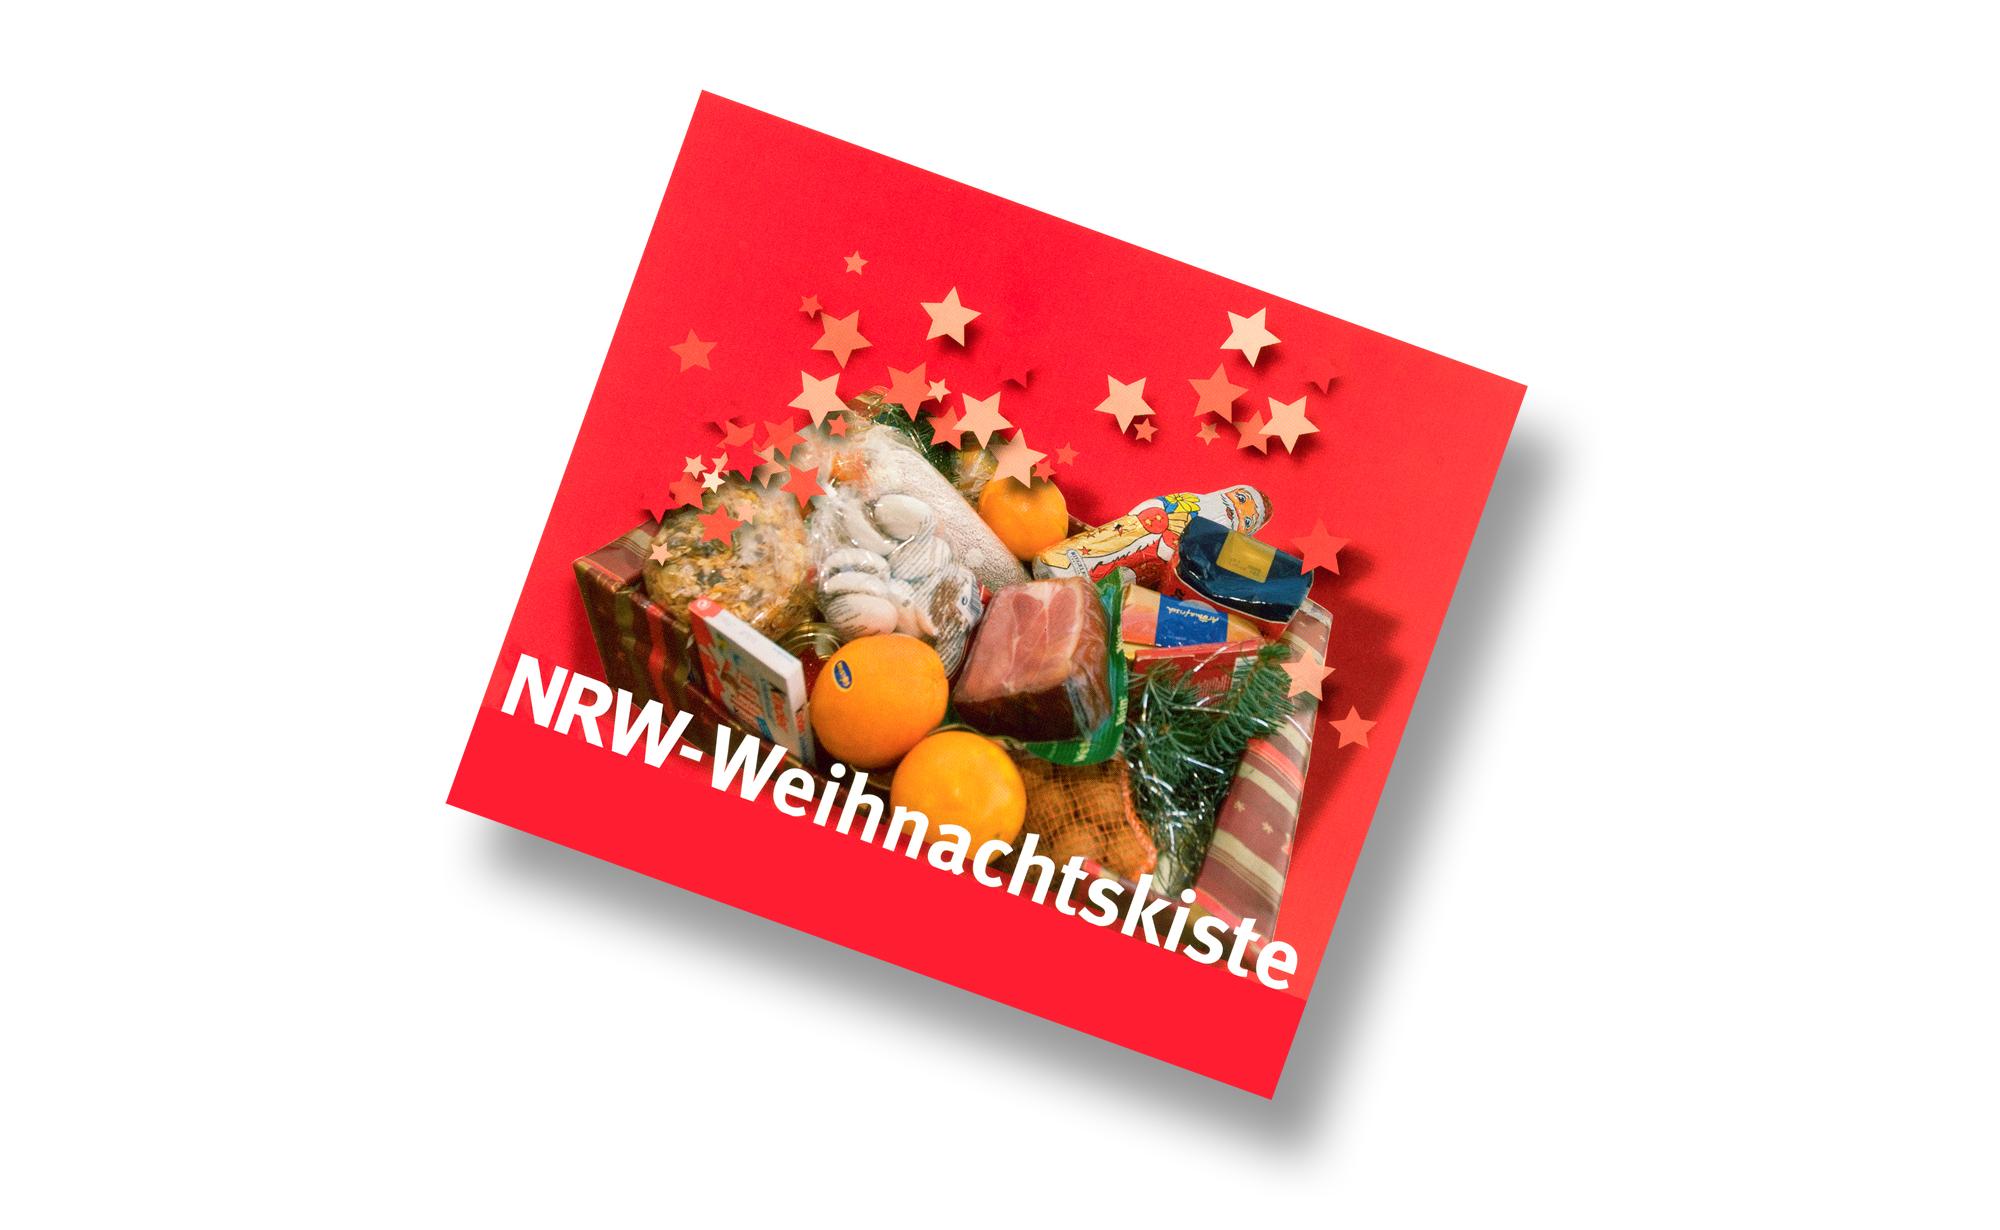 nrw_weihnachtskiste.jpg